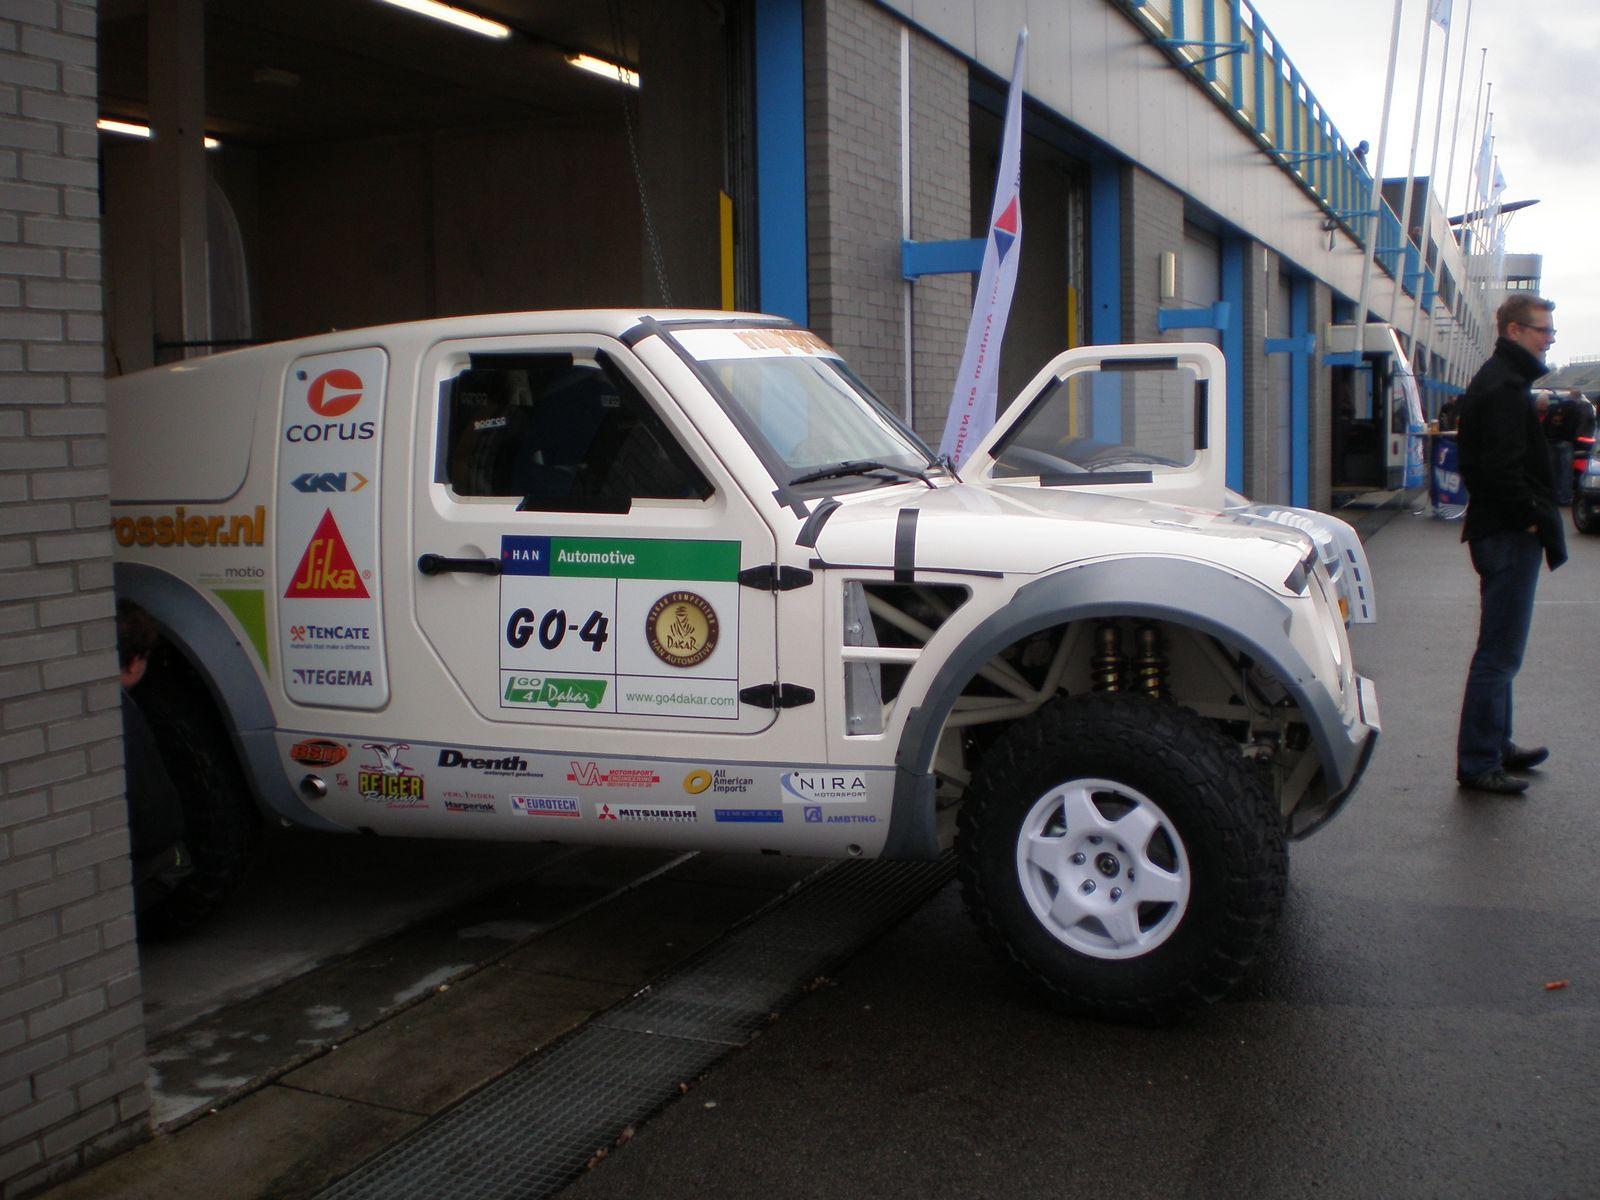 Nog meer zicht op Go-4 Dakar